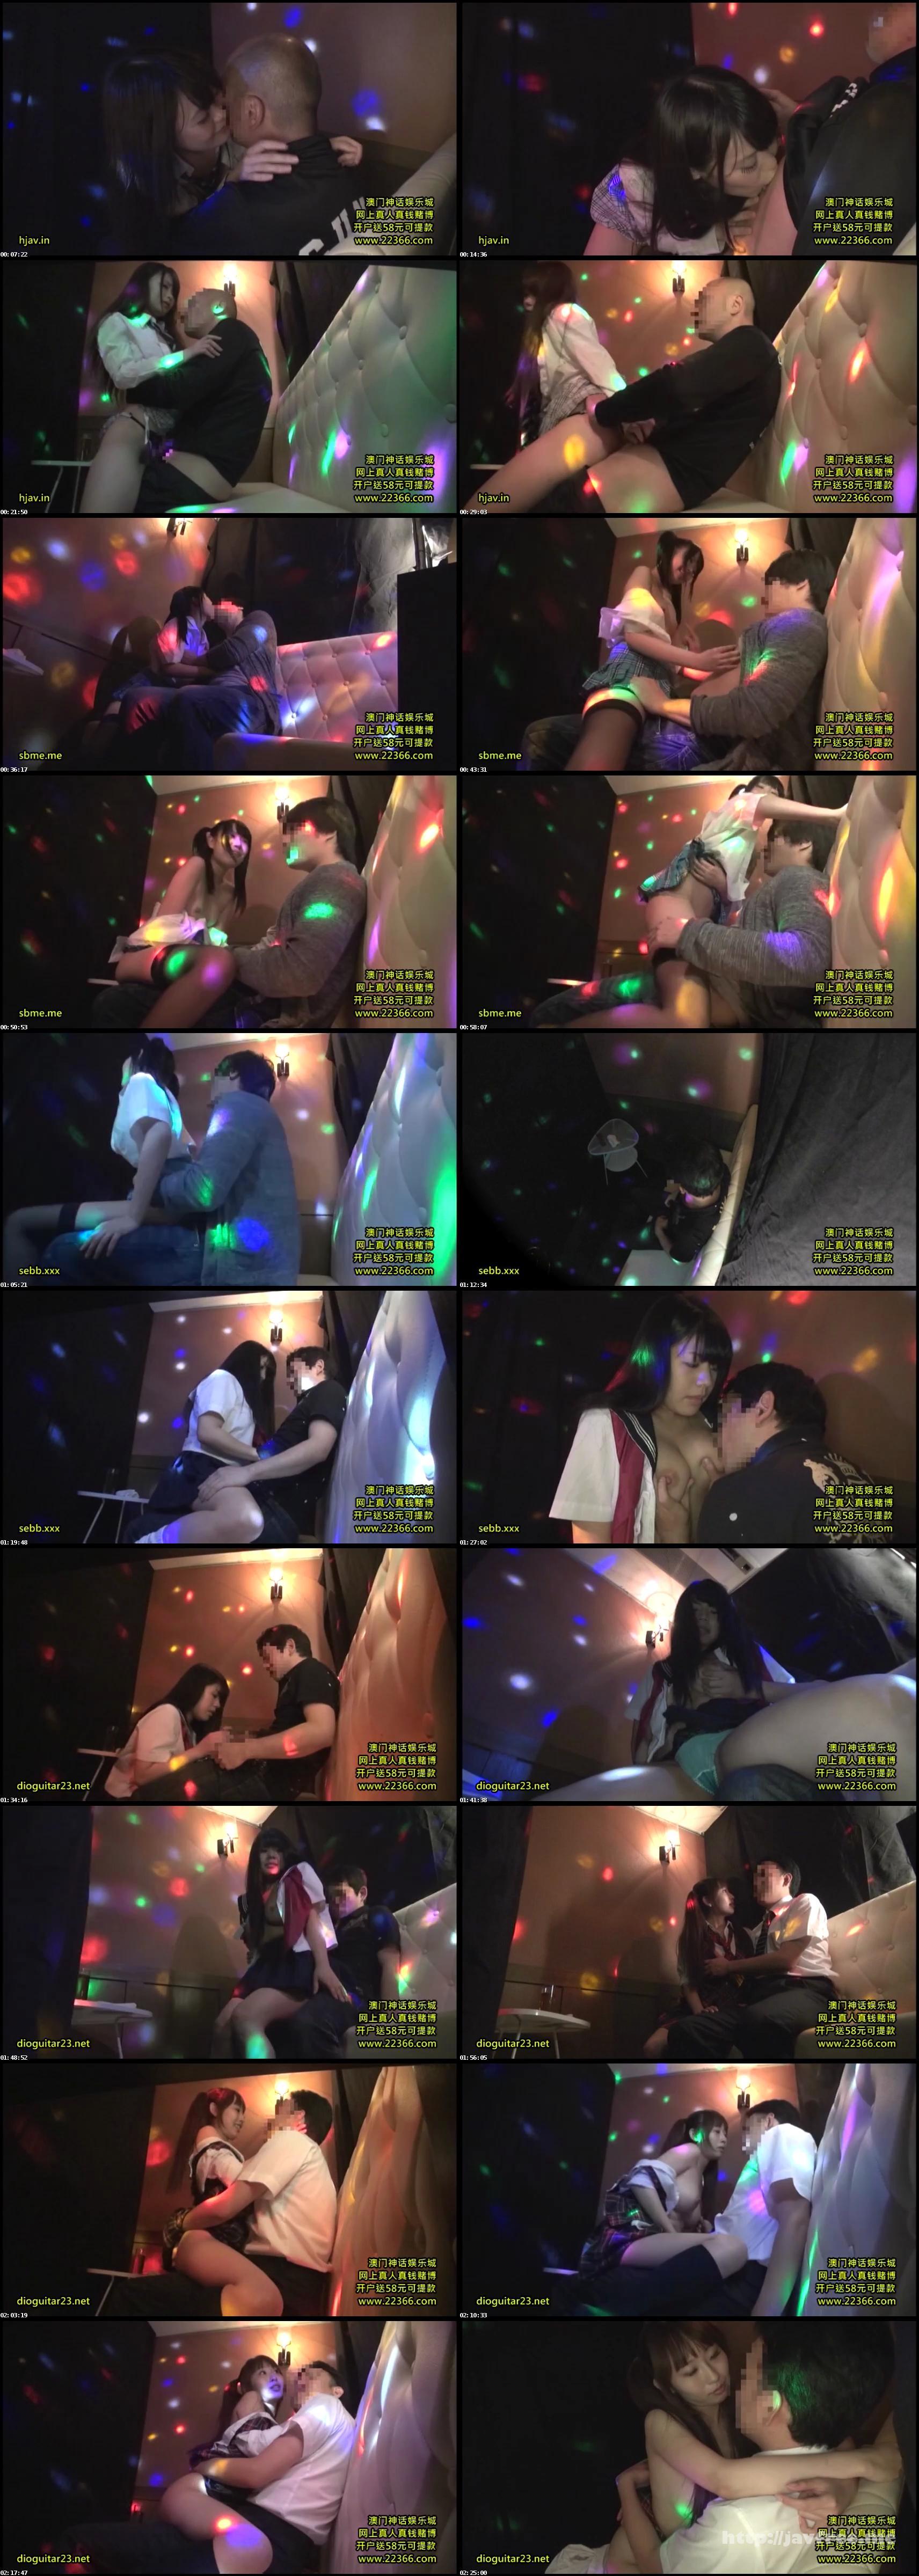 [MIST-077] 日本最大の繁華街にある「老舗おっぱいパブ」では新人嬢がベテラン嬢から客を奪うために内緒でセックスさせてくれる。しかも生で。2 - image MIST-077 on https://javfree.me